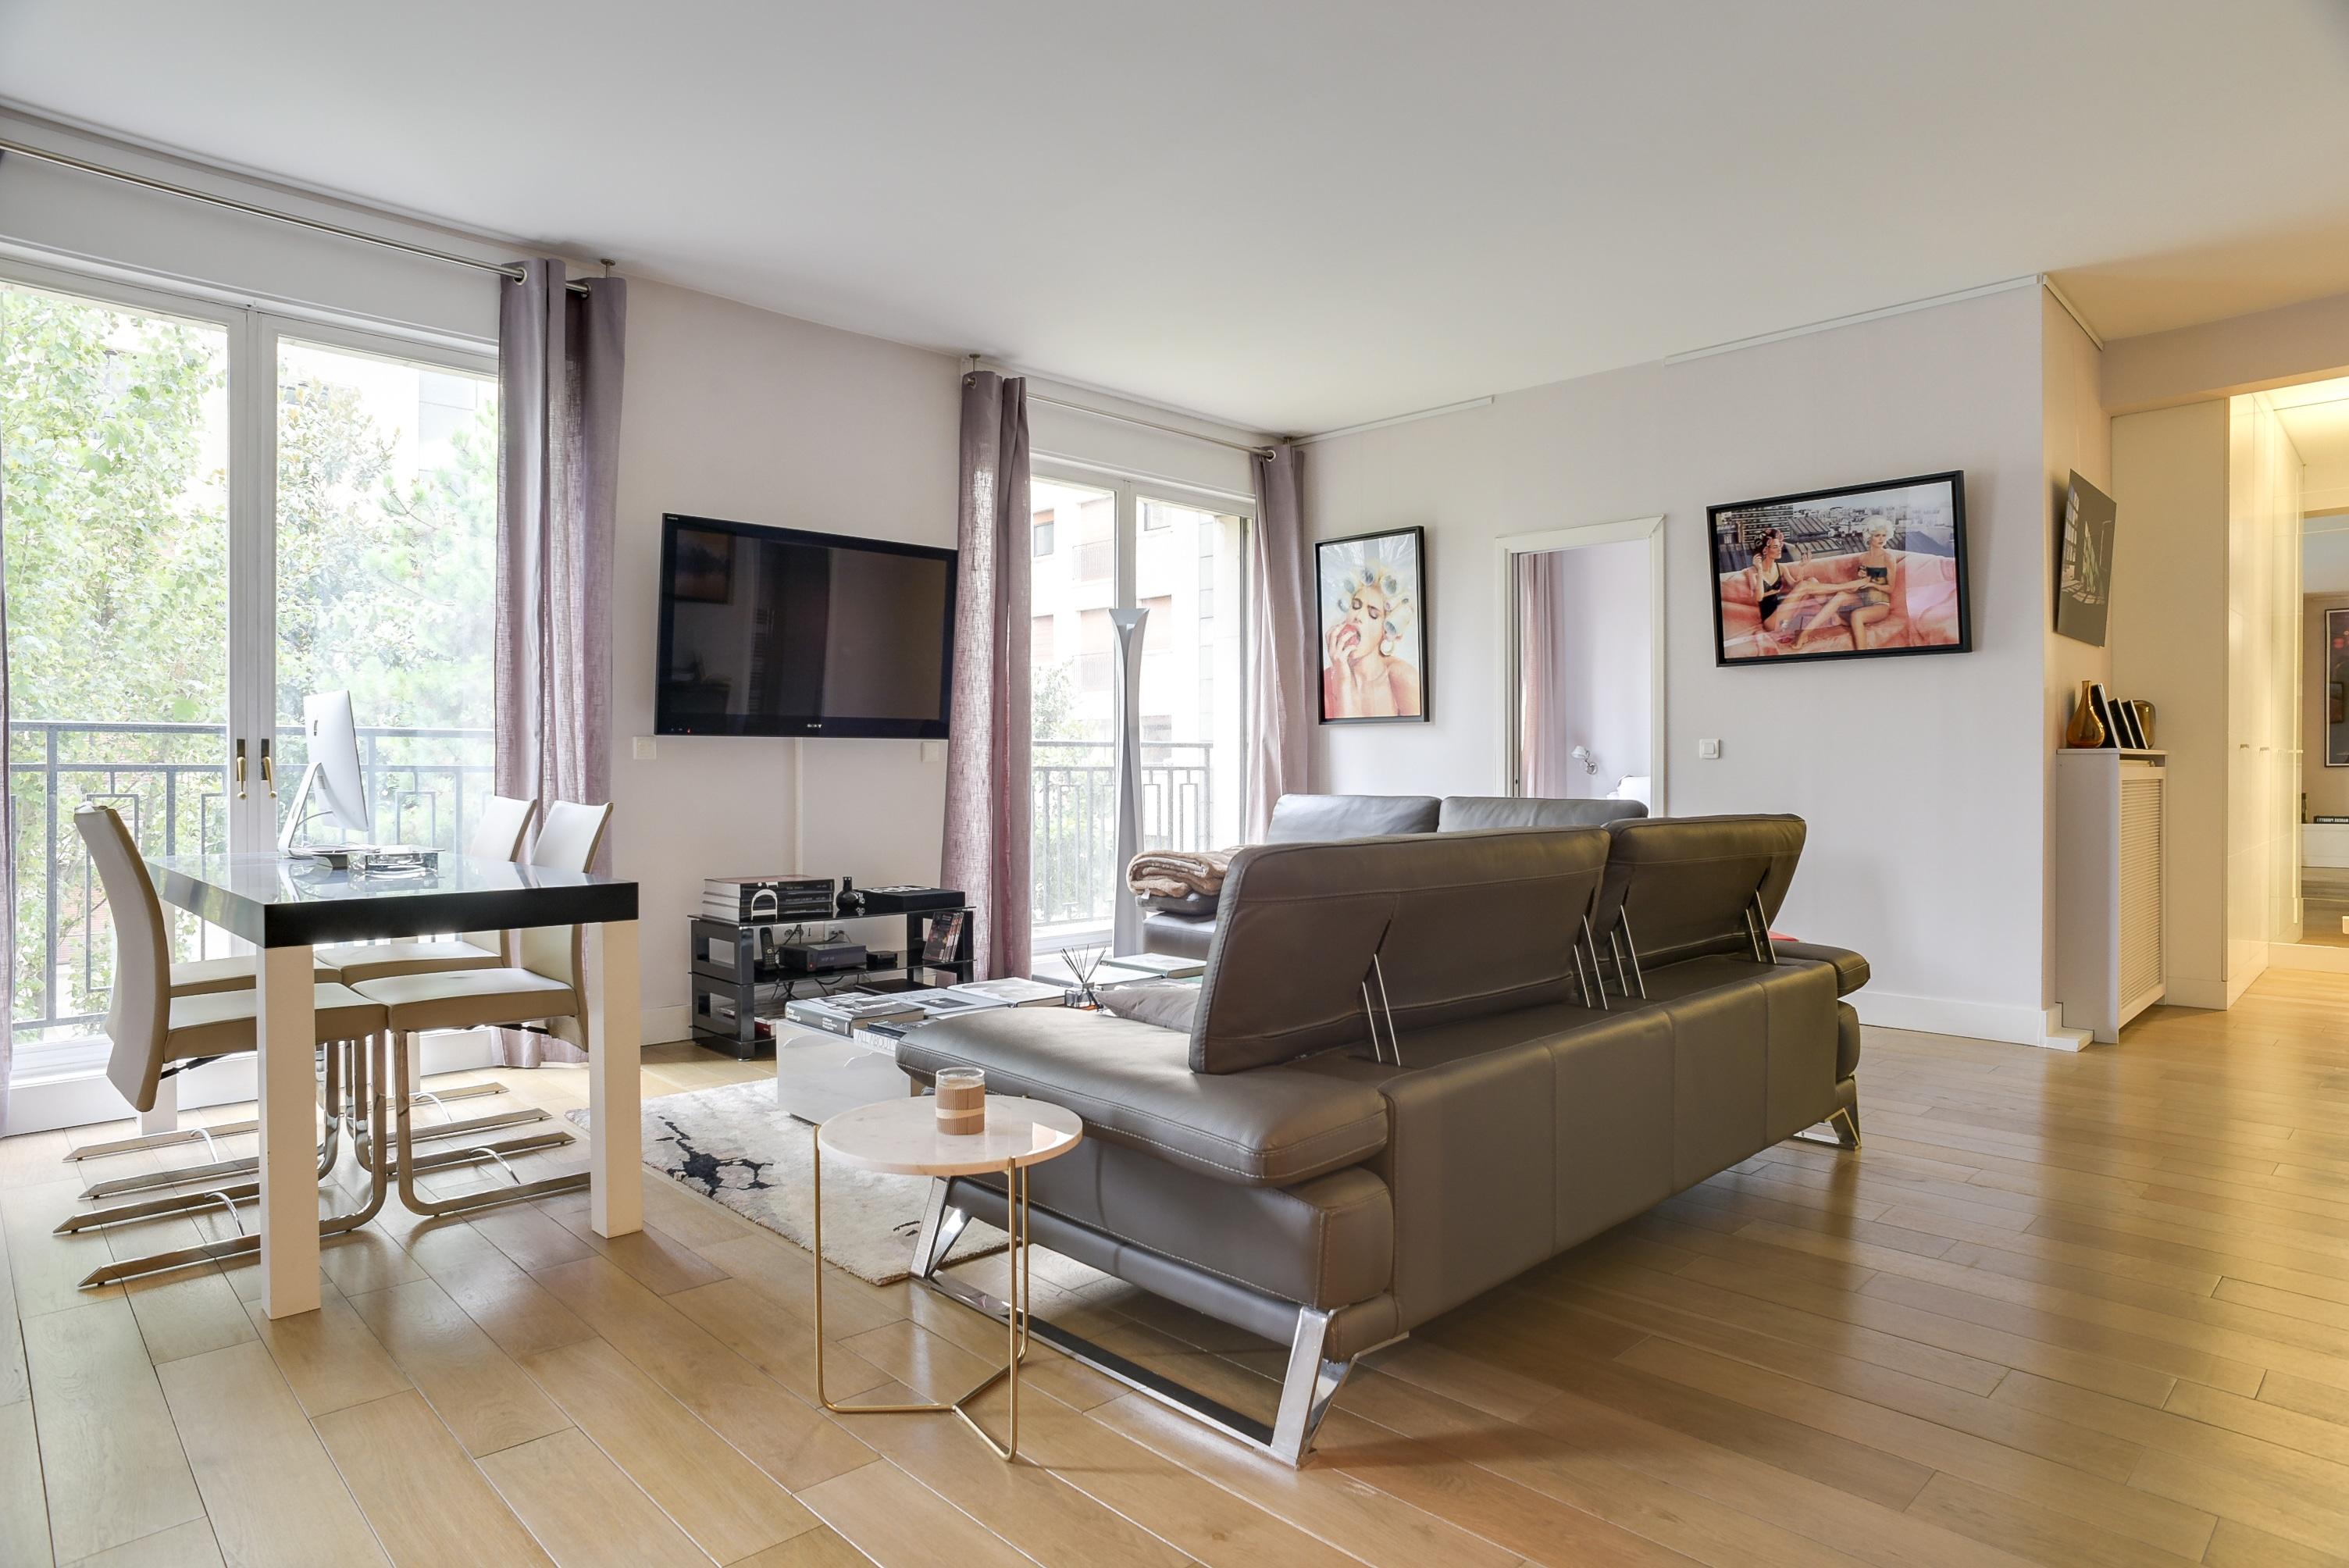 Architecte D Intérieur Paris 8 avenue montaigne — paris property group %